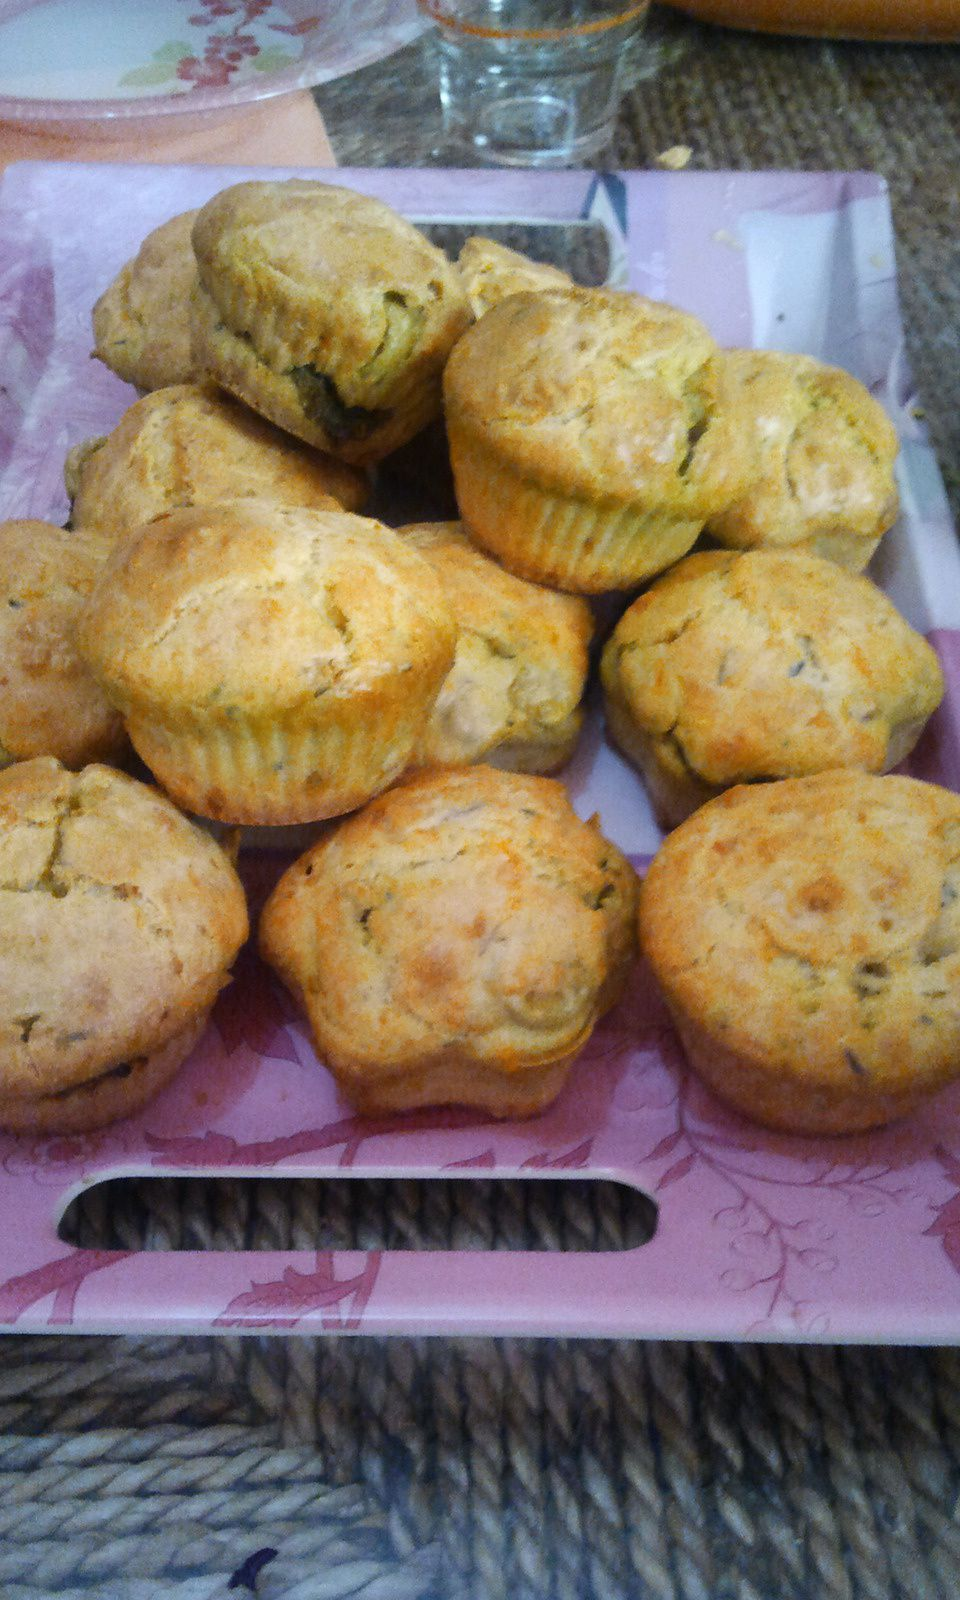 recette inspirée largement de celle http://www.gastronoome.com/products.php?pid=531